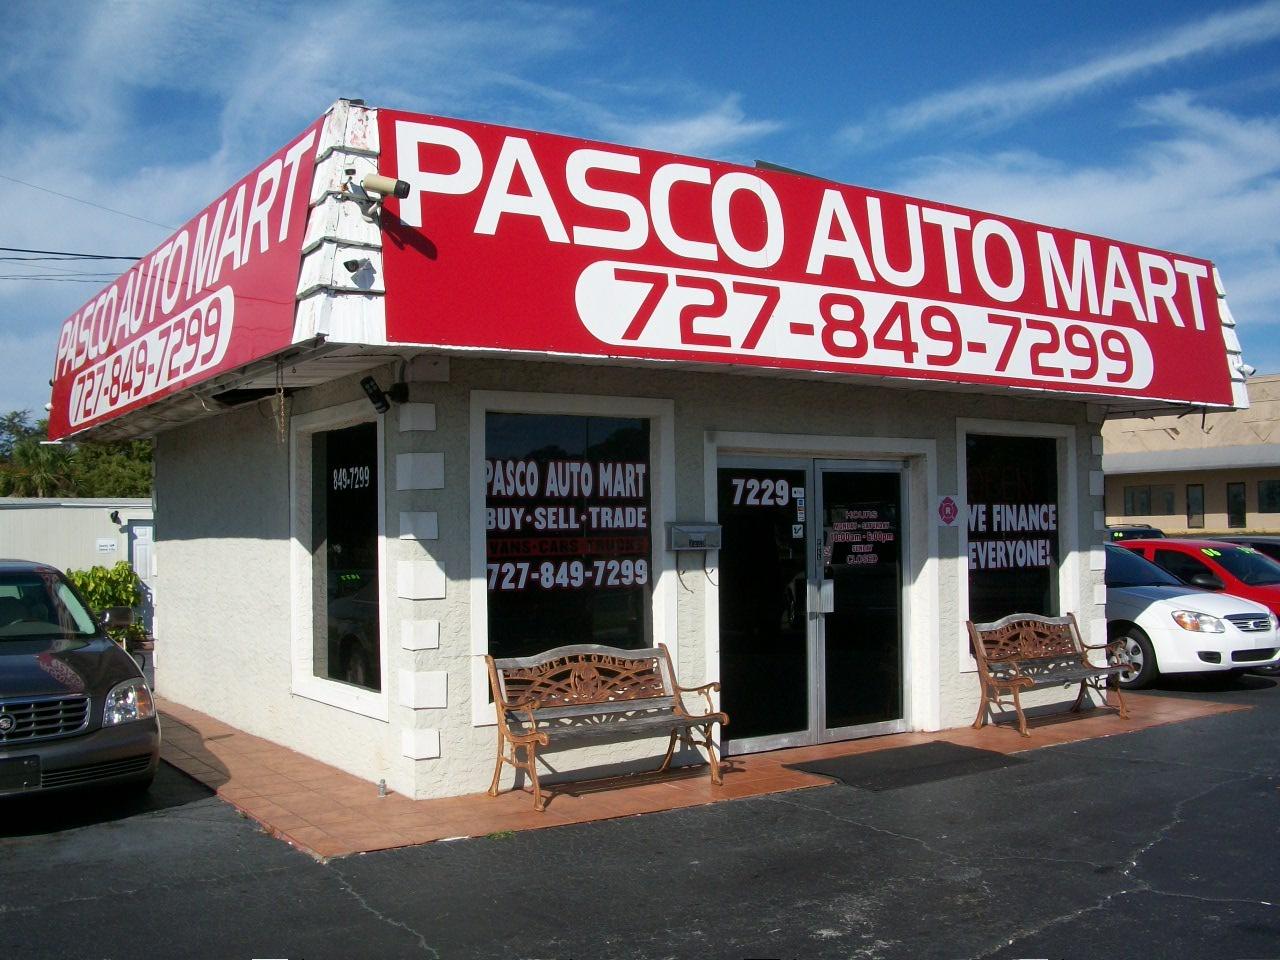 Pasco Auto Mart - New Port Richey, FL: Read Consumer ...